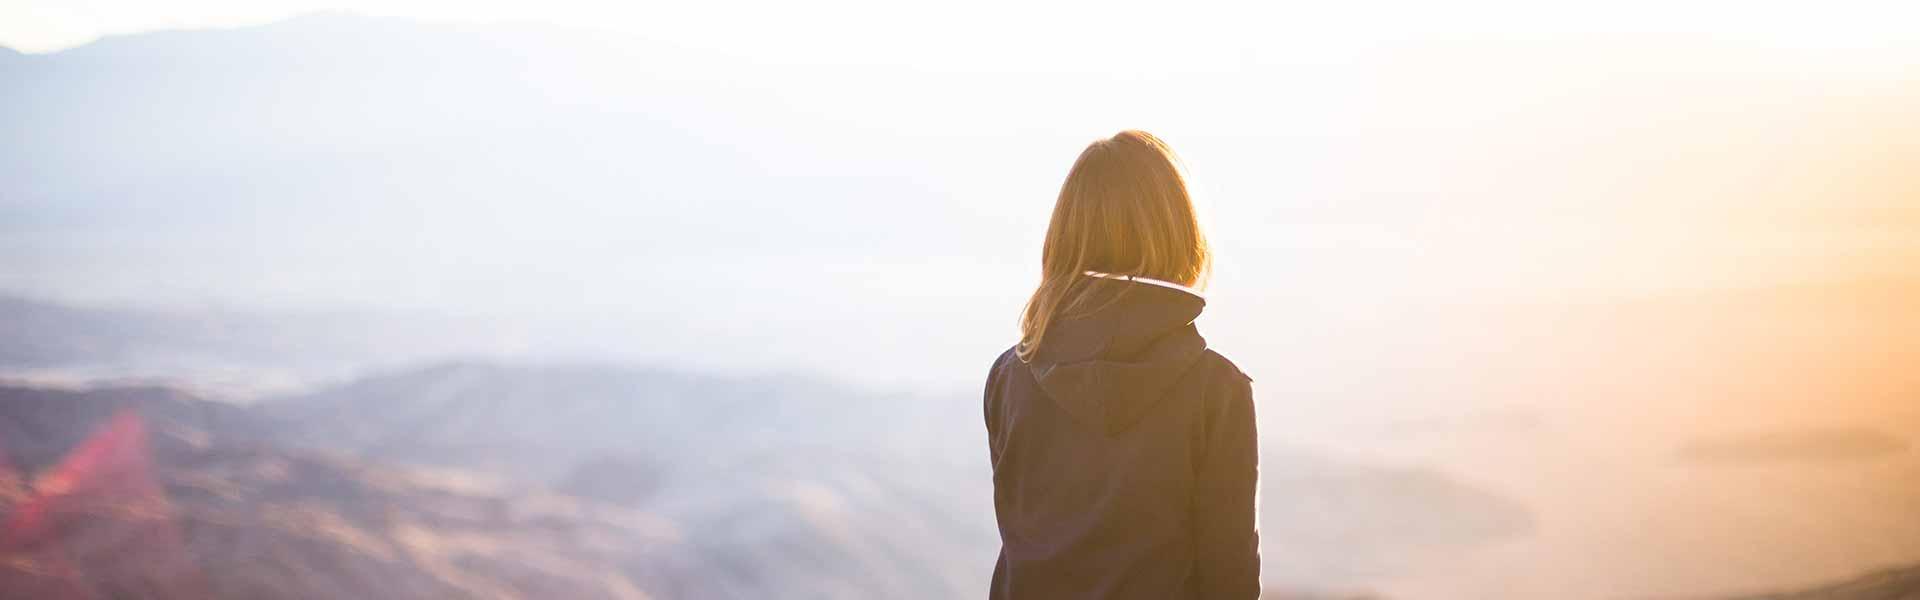 Koraki na poti do prenehanja samopoškodovanja